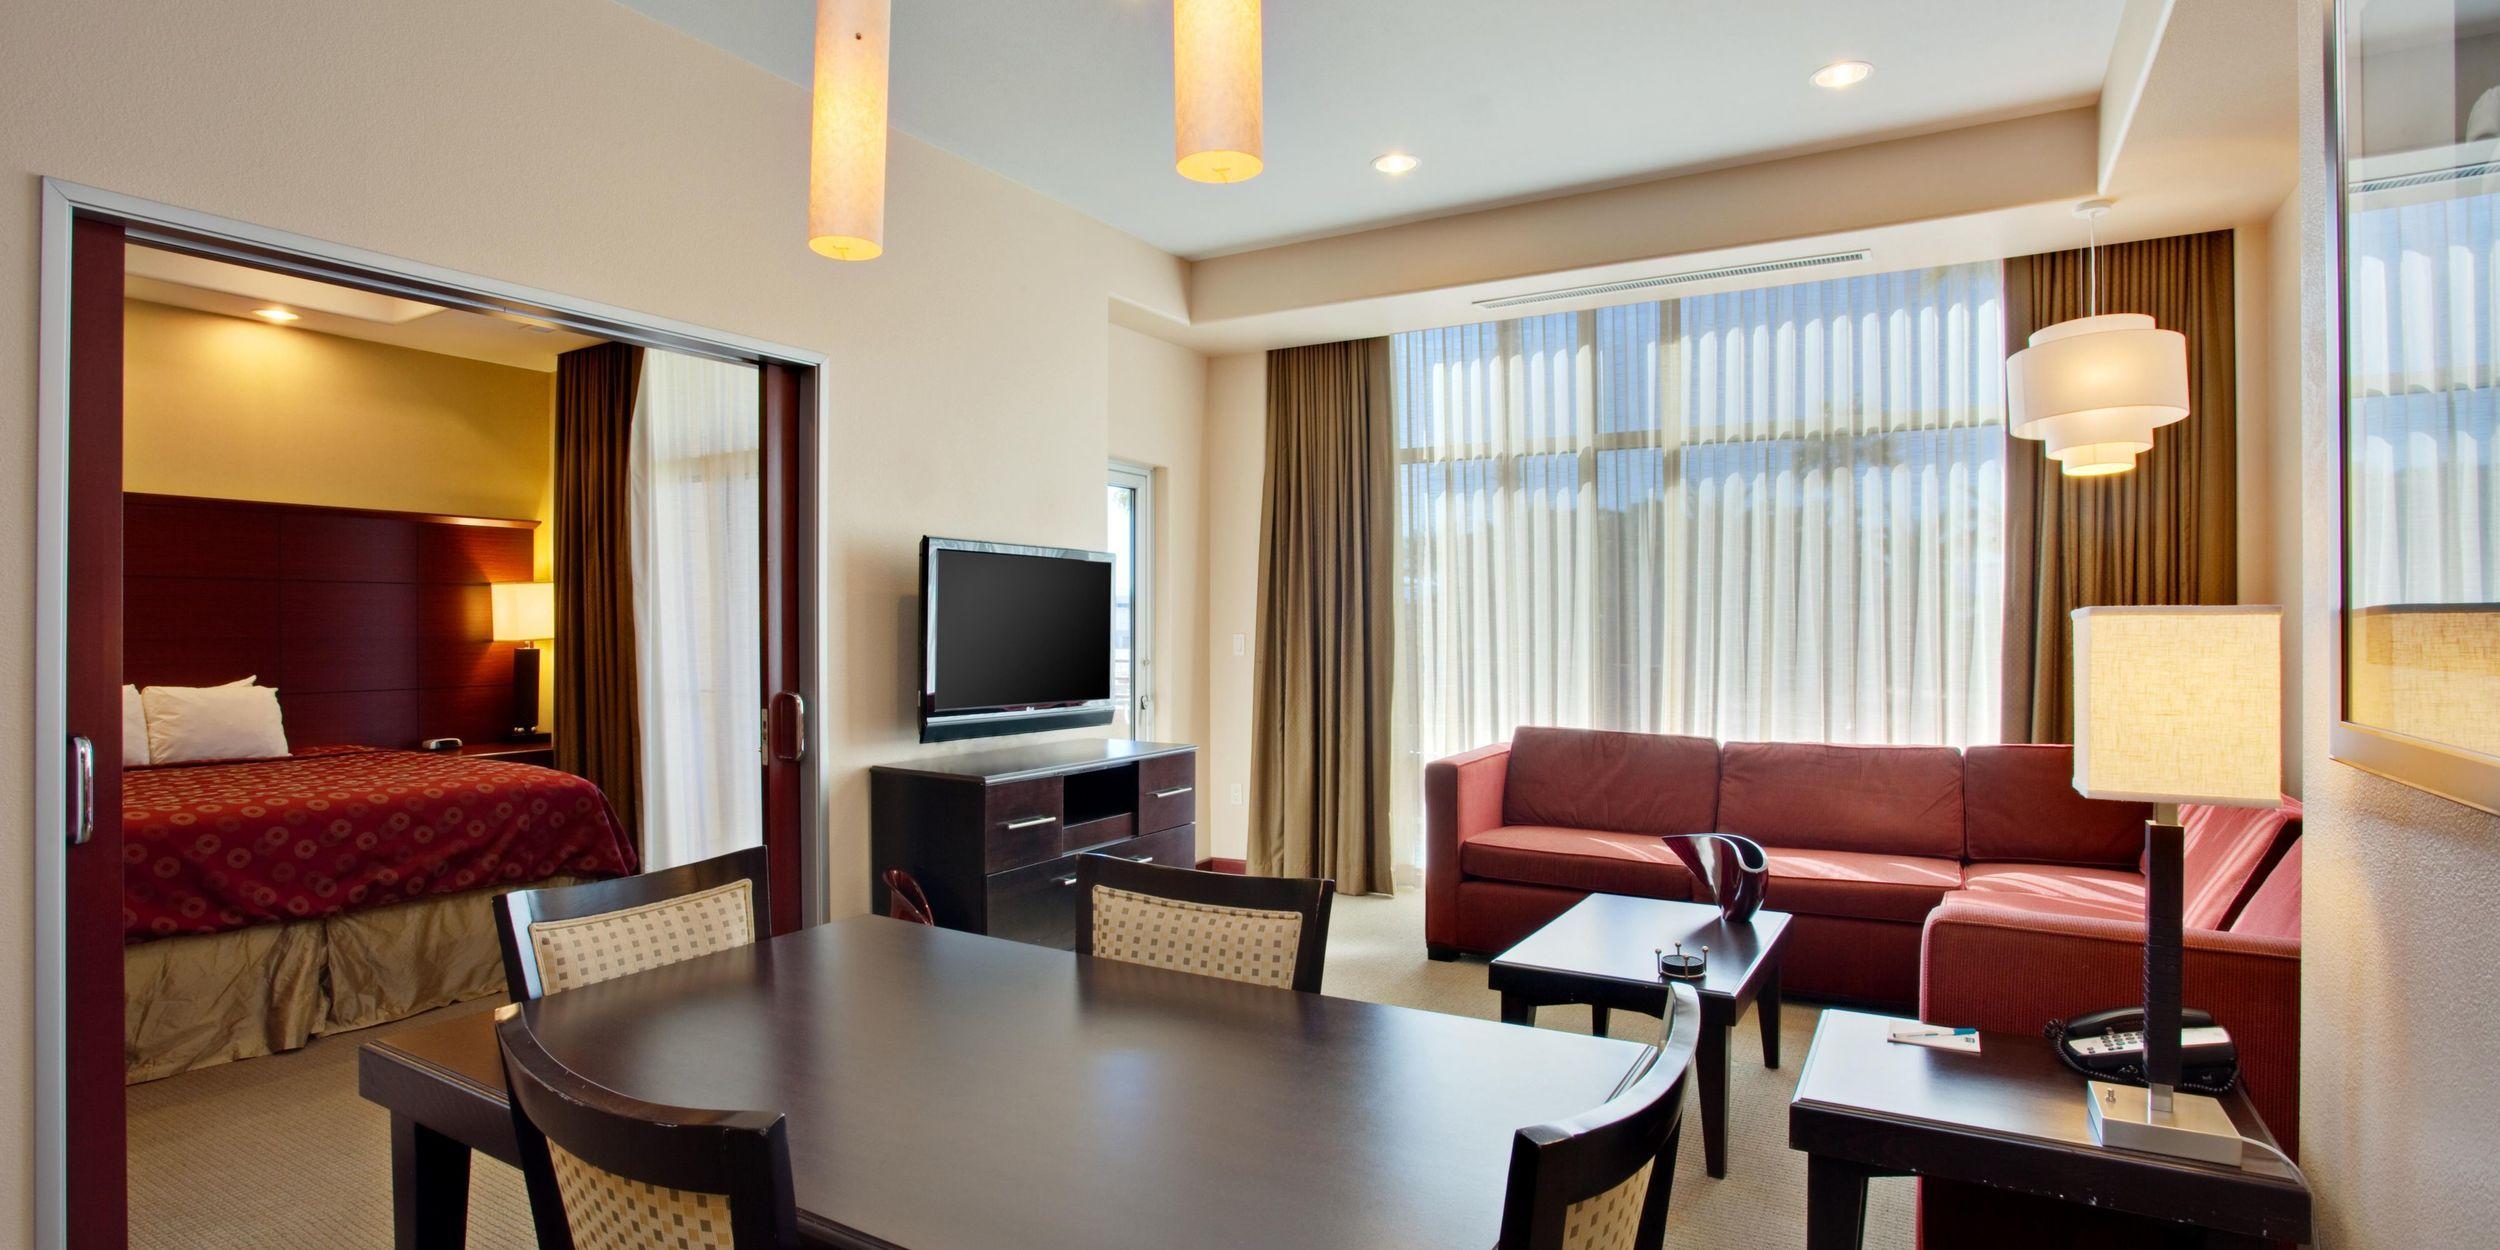 Las Vegas Nevada Hotel Experience With Cosmopolitan Style Las